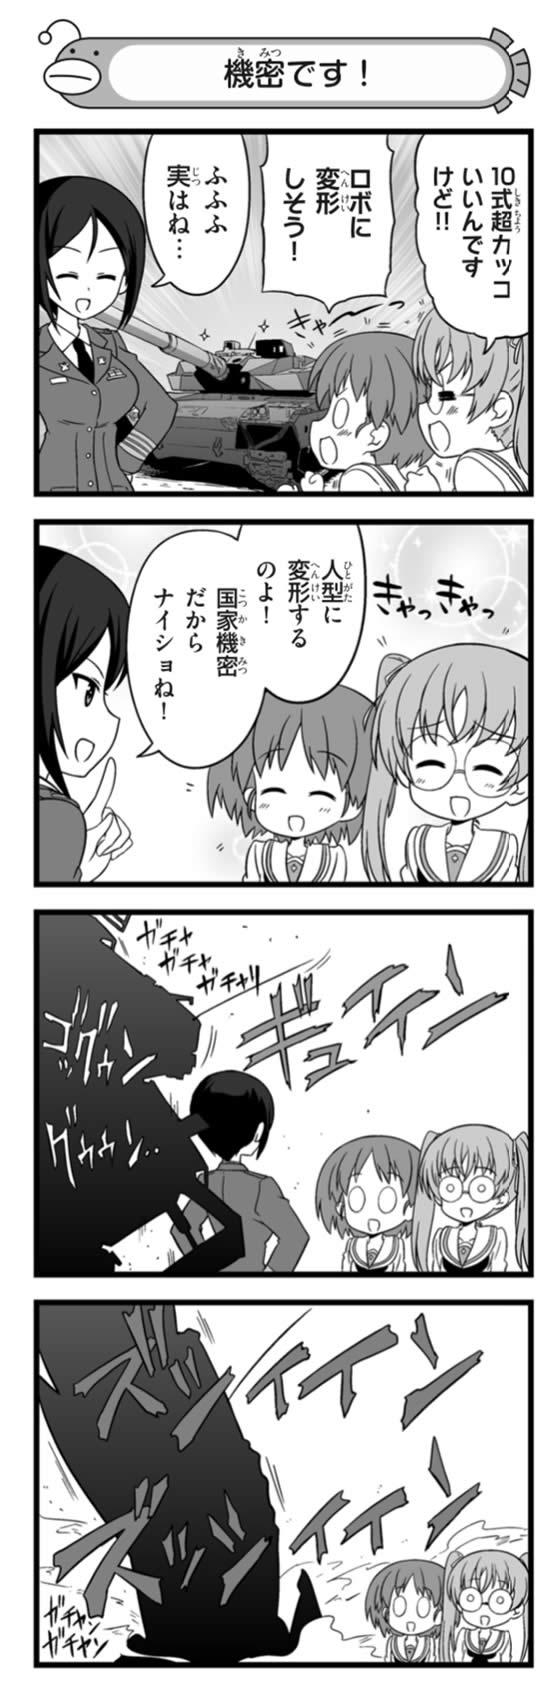 ガールズ&パンツァー 蝶野亜美 大野あや 阪口桂利奈 4コマ漫画